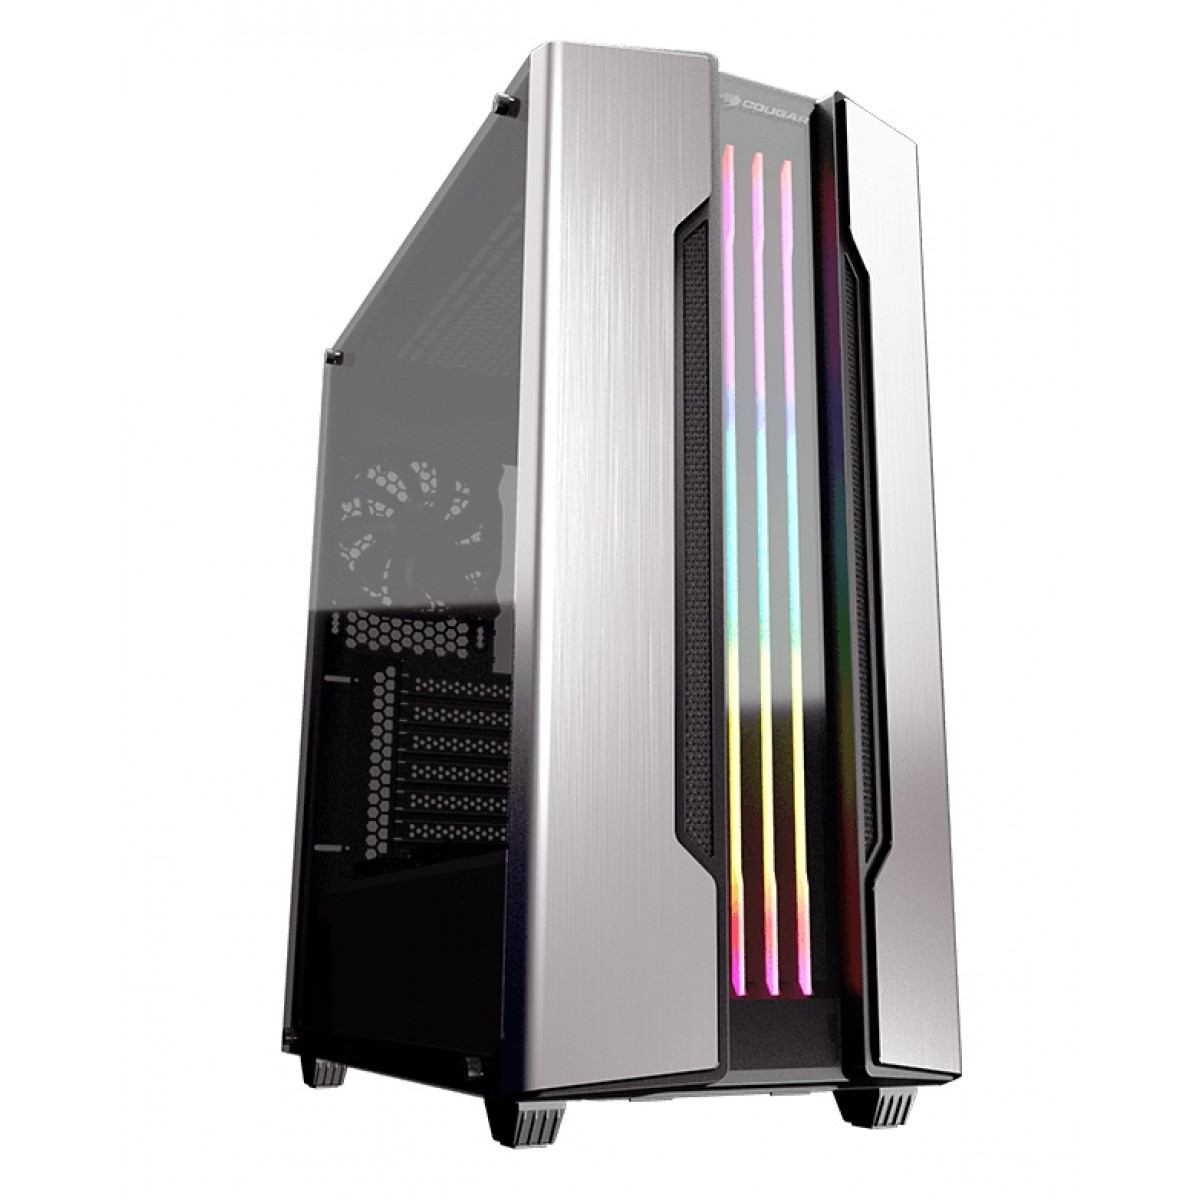 Pc Gamer T-Power Major Lvl-1 AMD Ryzen 5 2600x / Geforce GTX 1060 6GB / DDR4 8GB / HD 1TB / 500W